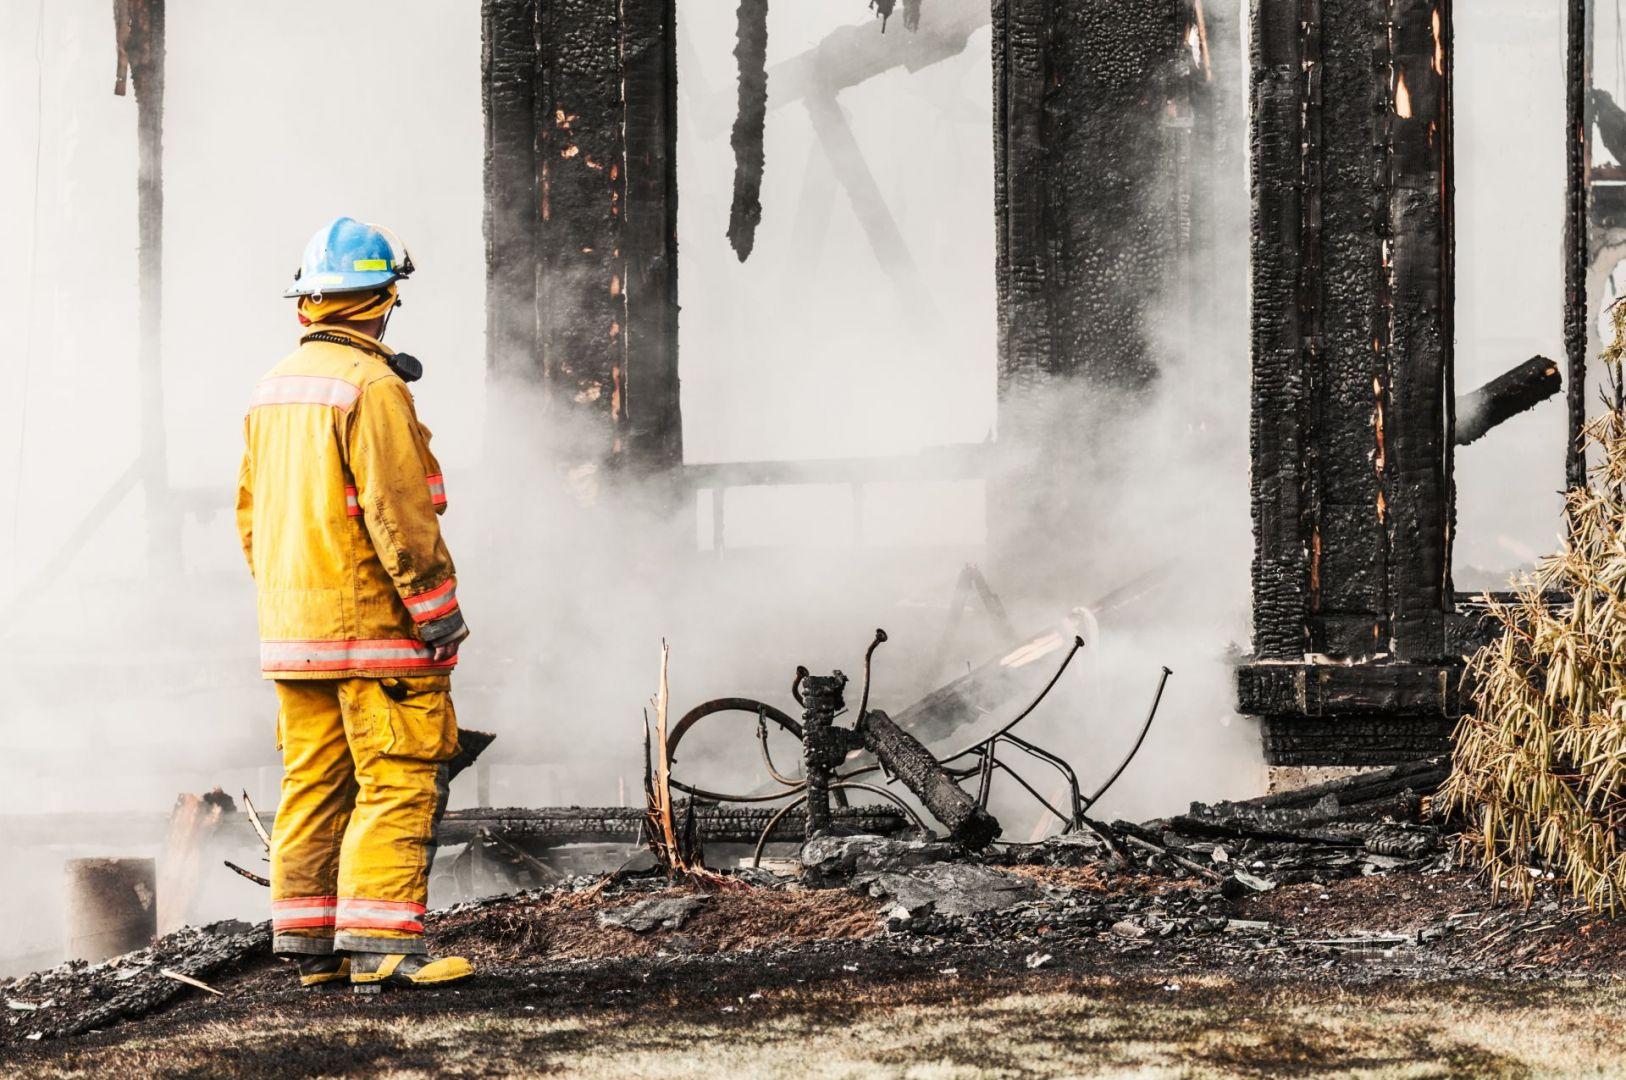 Choć drewno to materiał palny, w zależności od konkretnej klasy drewna oraz jego zabezpieczenia, swoją odpornością na płomienie potrafi pokonać beton i stal. Fot. JAF Polska